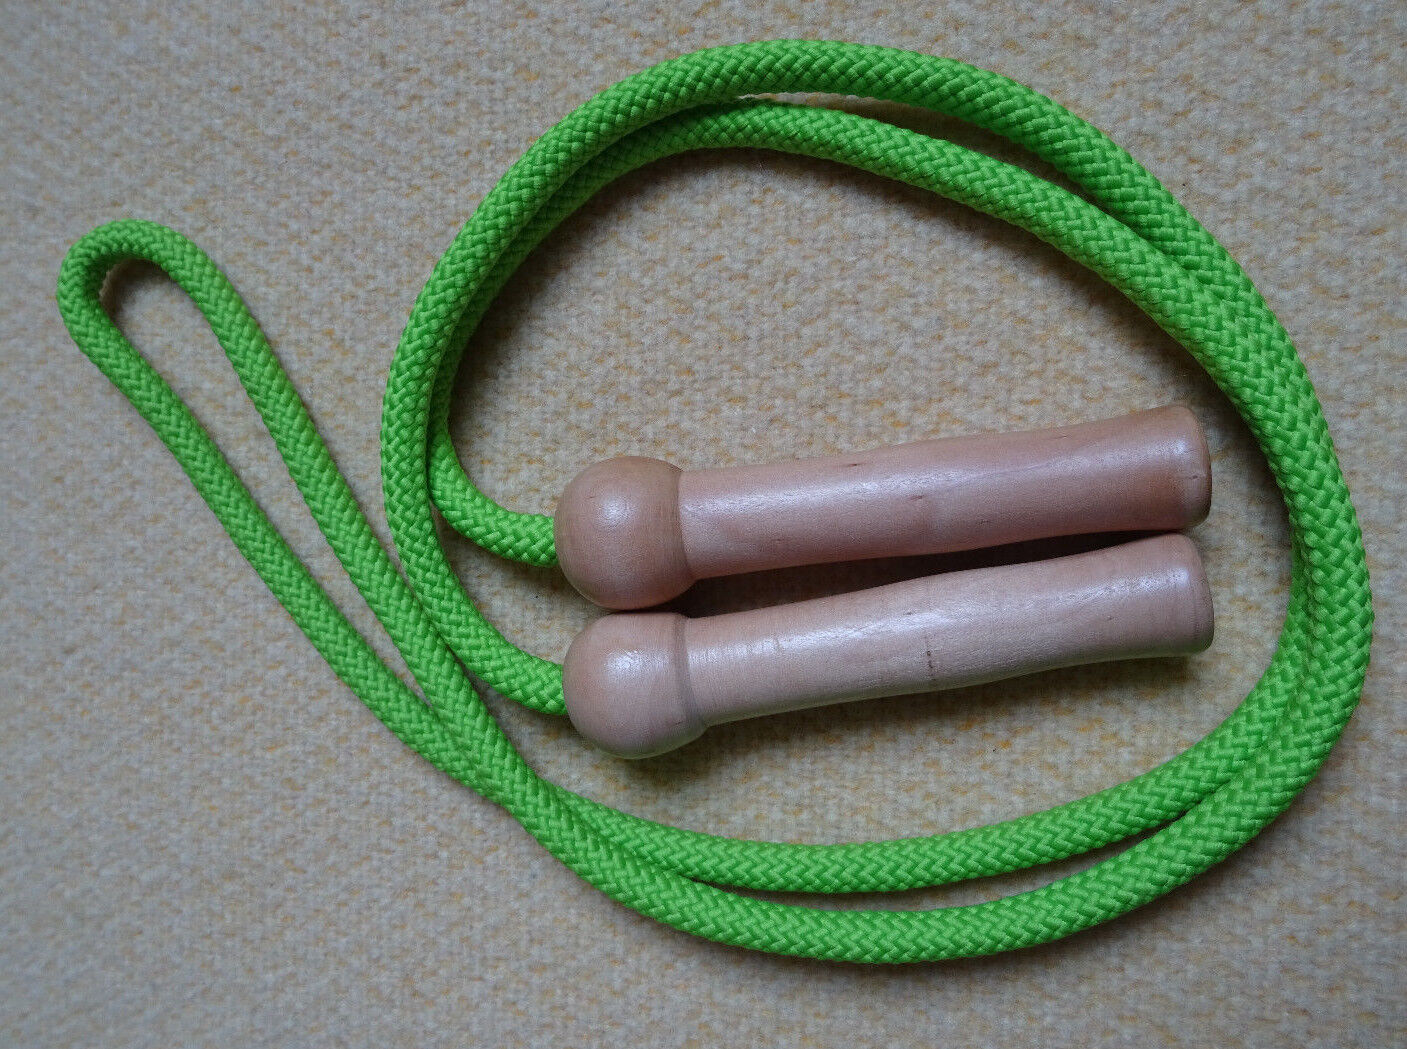 Springseil für Kinder - 2 Holzgriffe - 1,85m lang hellgrün gebraucht neuwertig